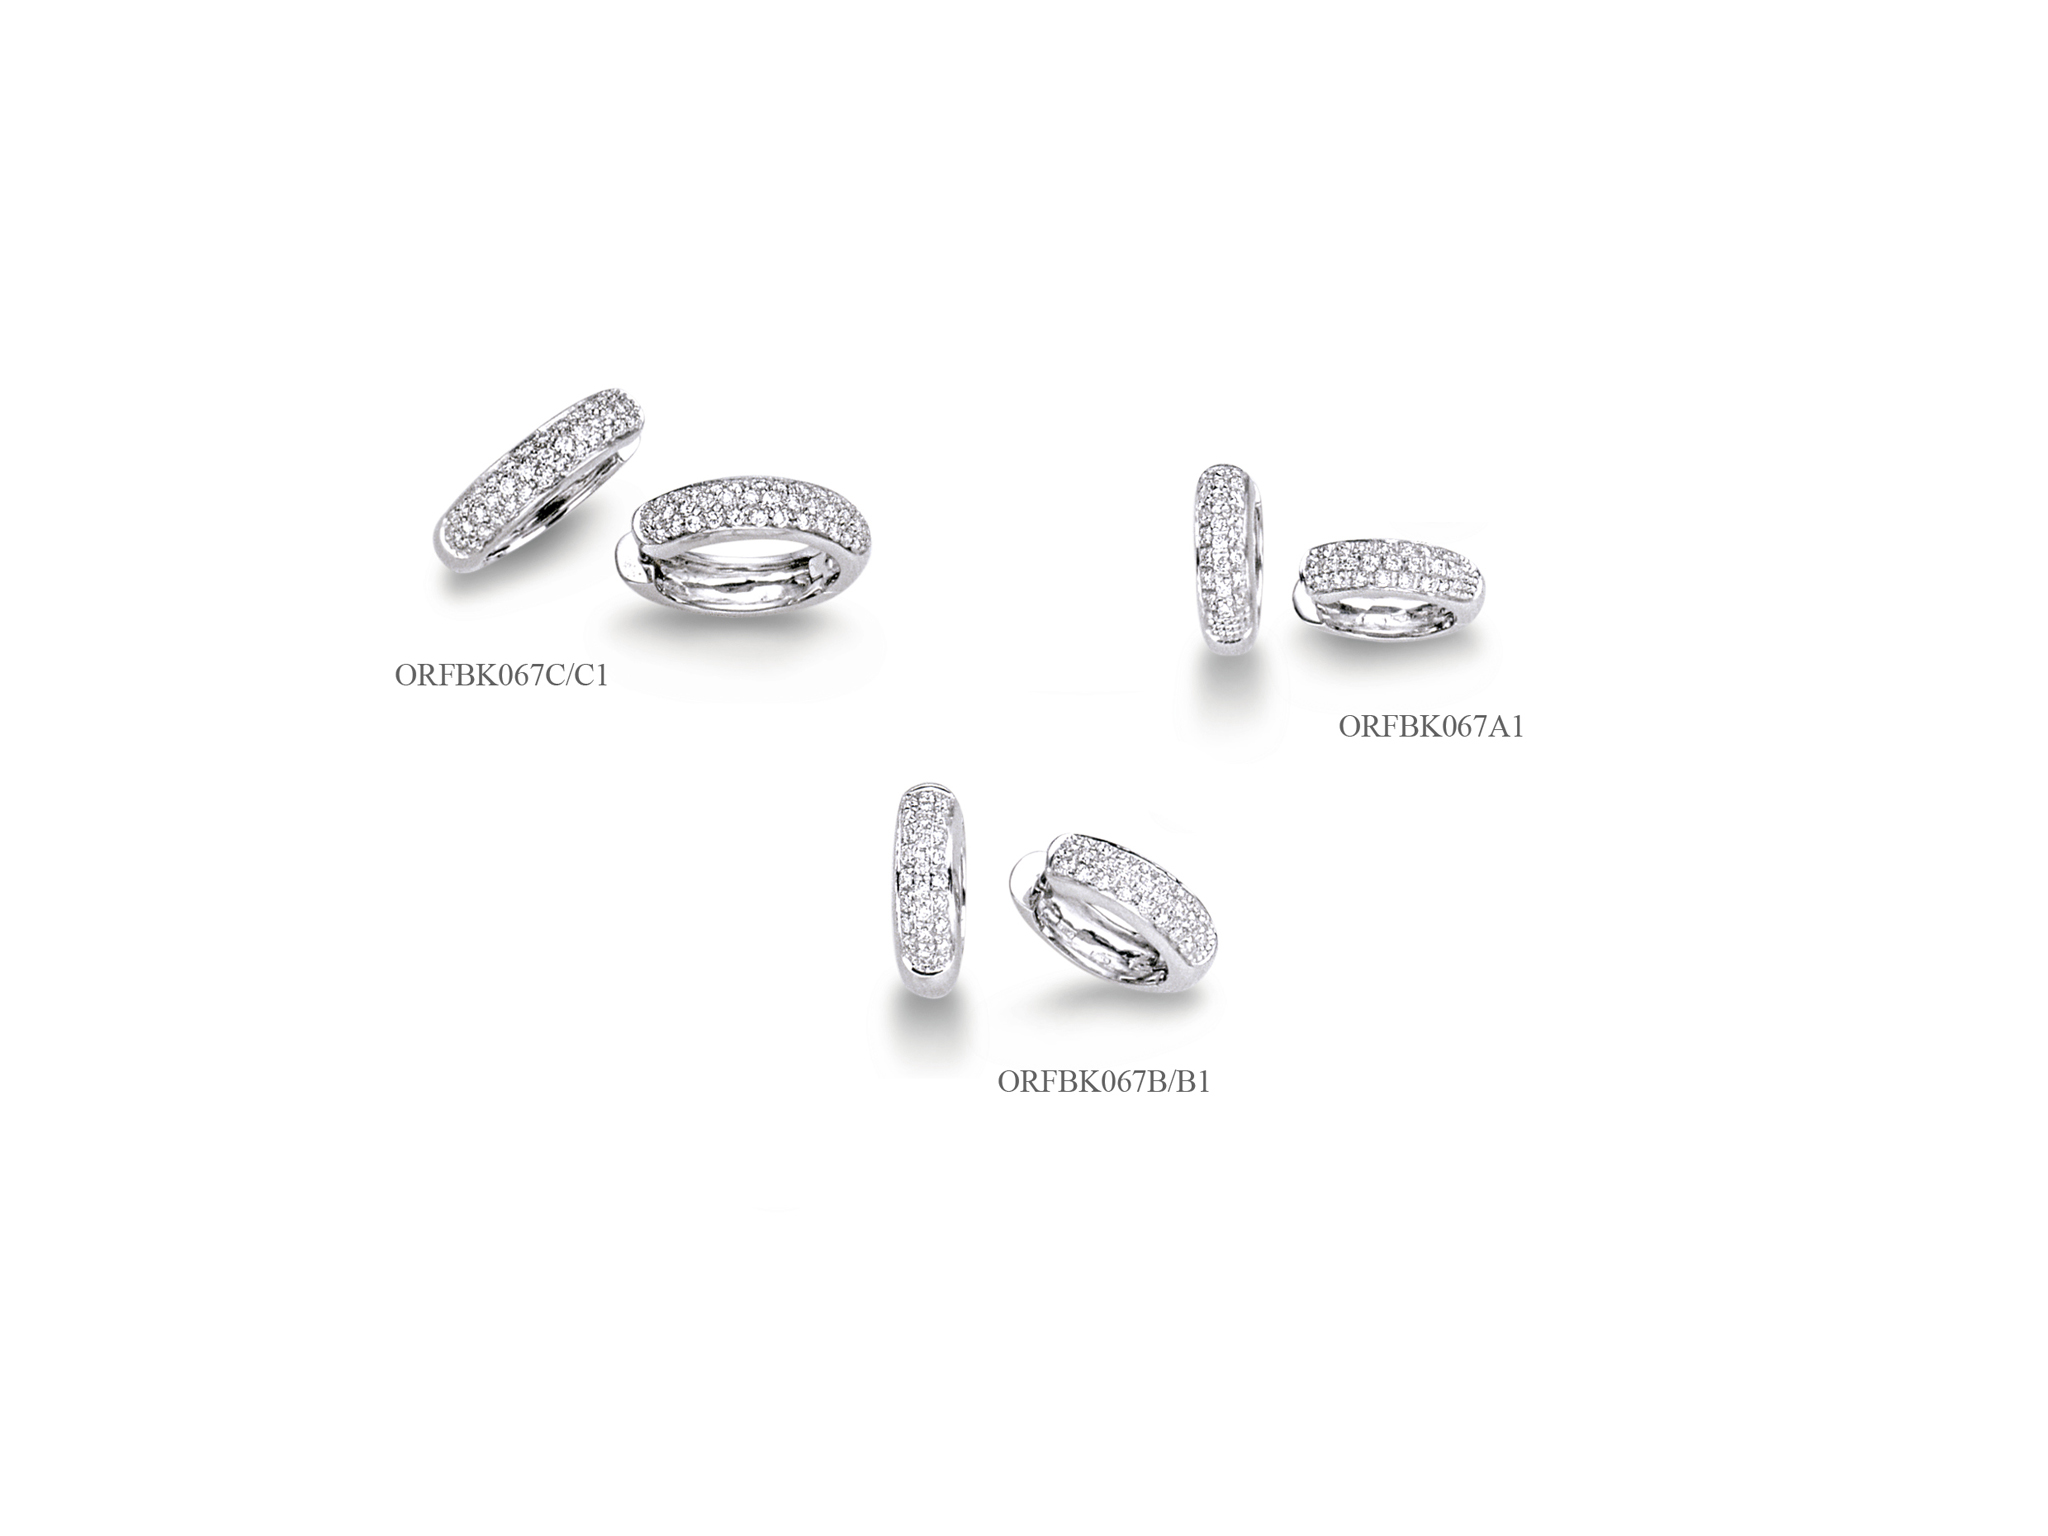 diamanti_pagina_25_app